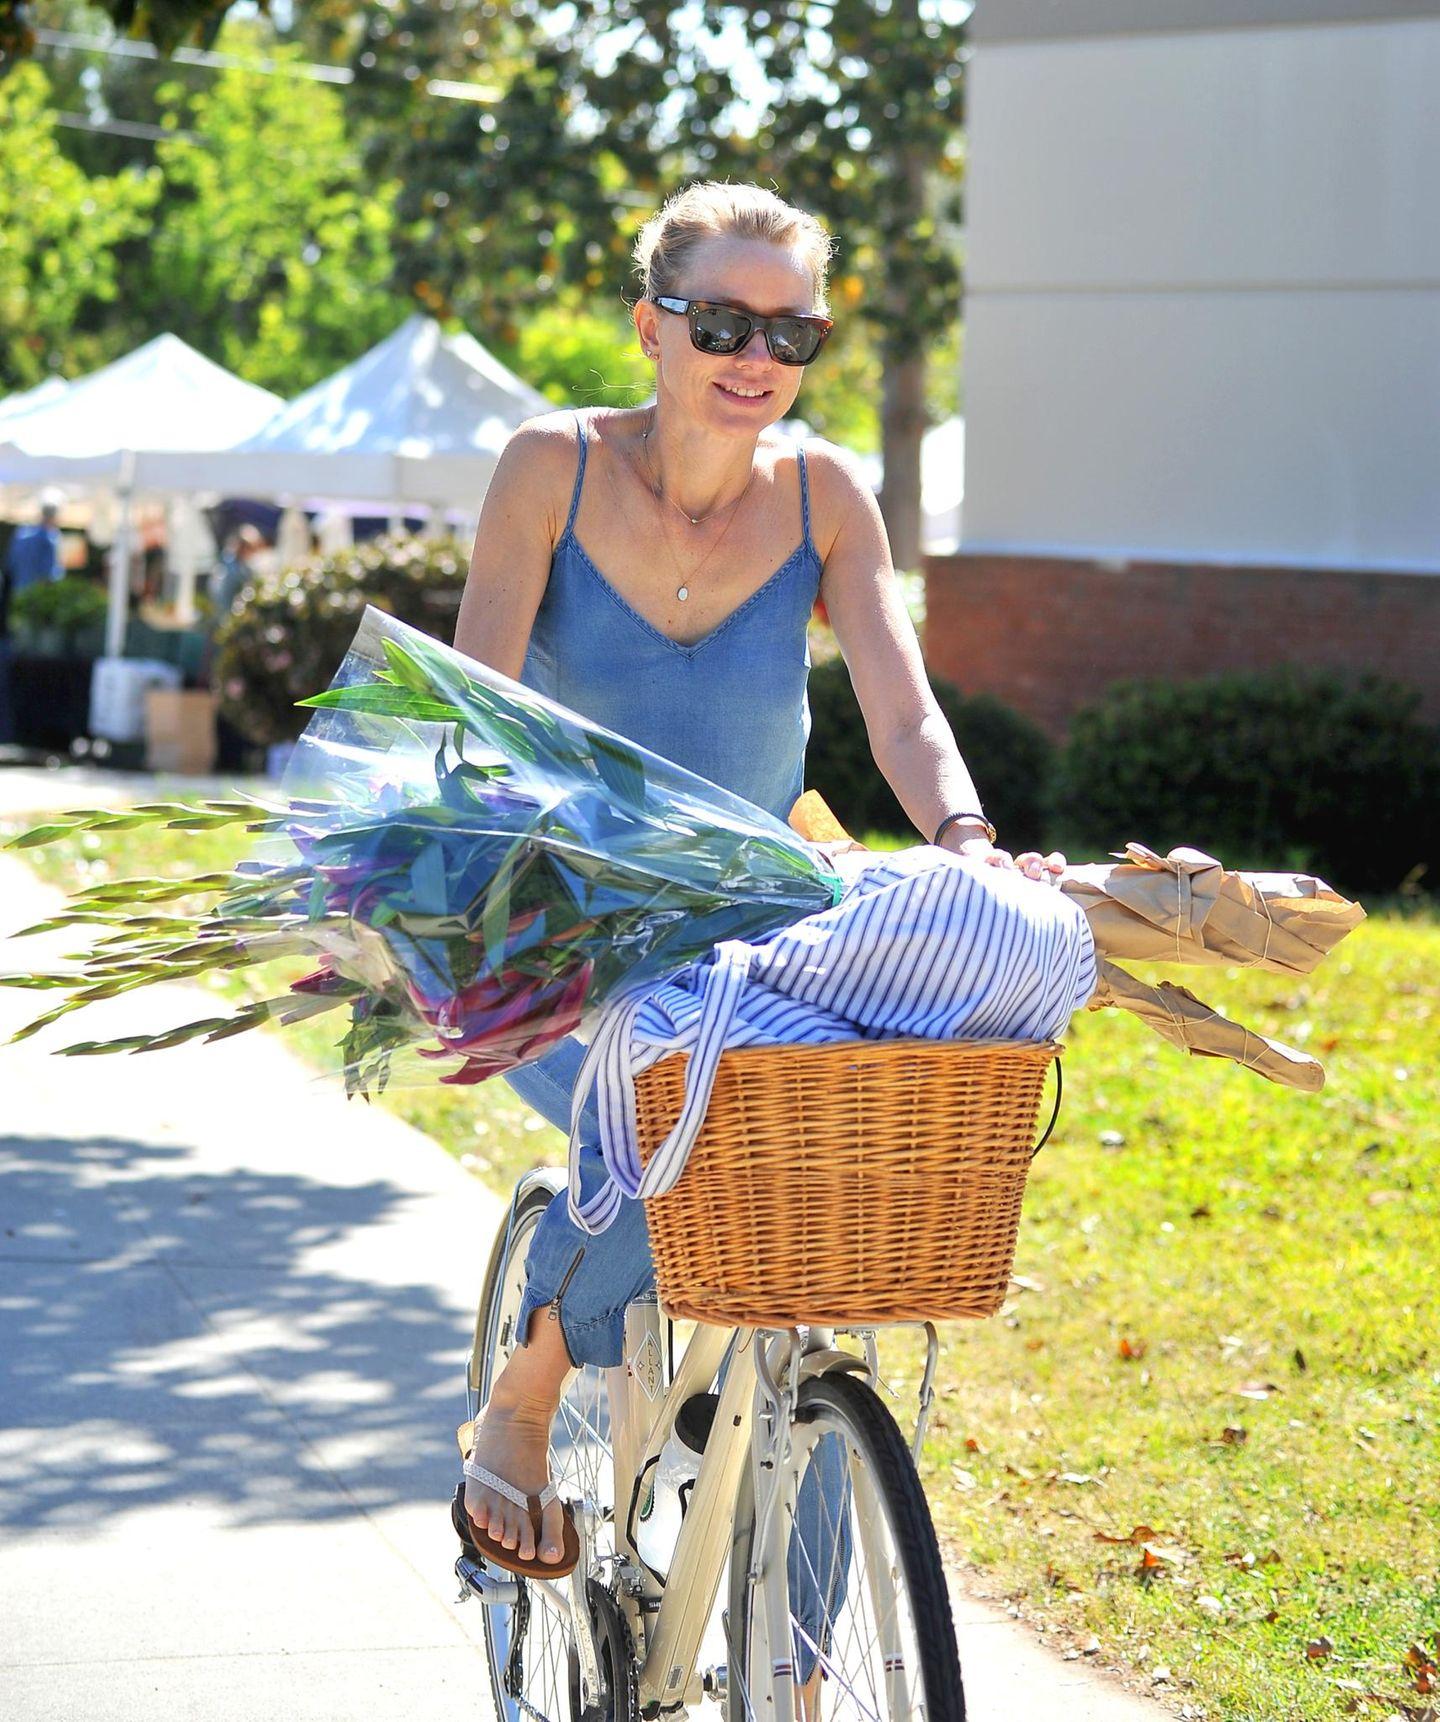 Nachdem Naomi Watts auf dem Wochenmarkt in Brentwood eingekauft hat, radelt die Schauspielerin nach Hause.